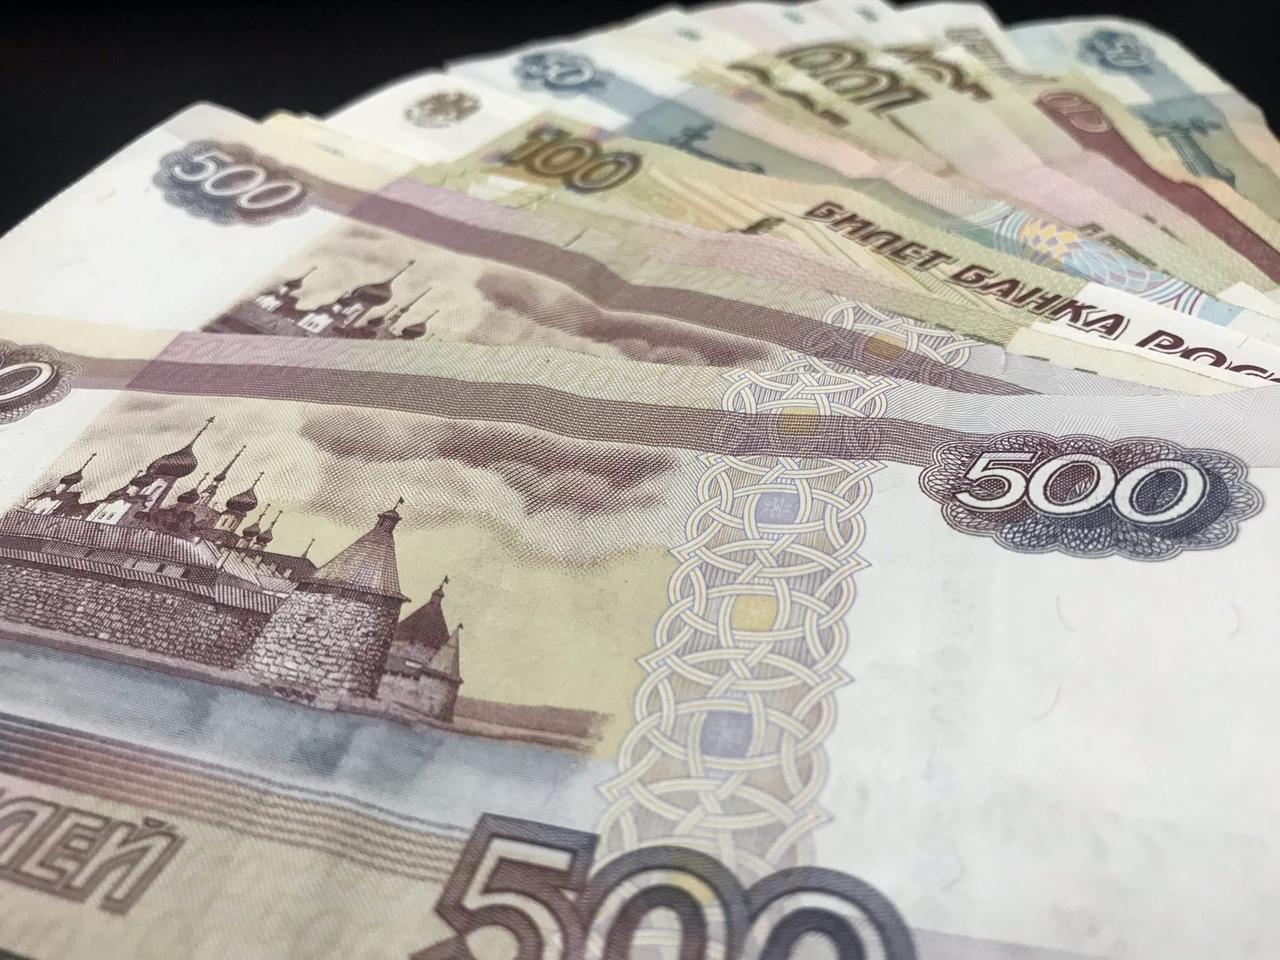 Предприятие Клинцовского района задолжало 35 работникам более полумиллиона рублей